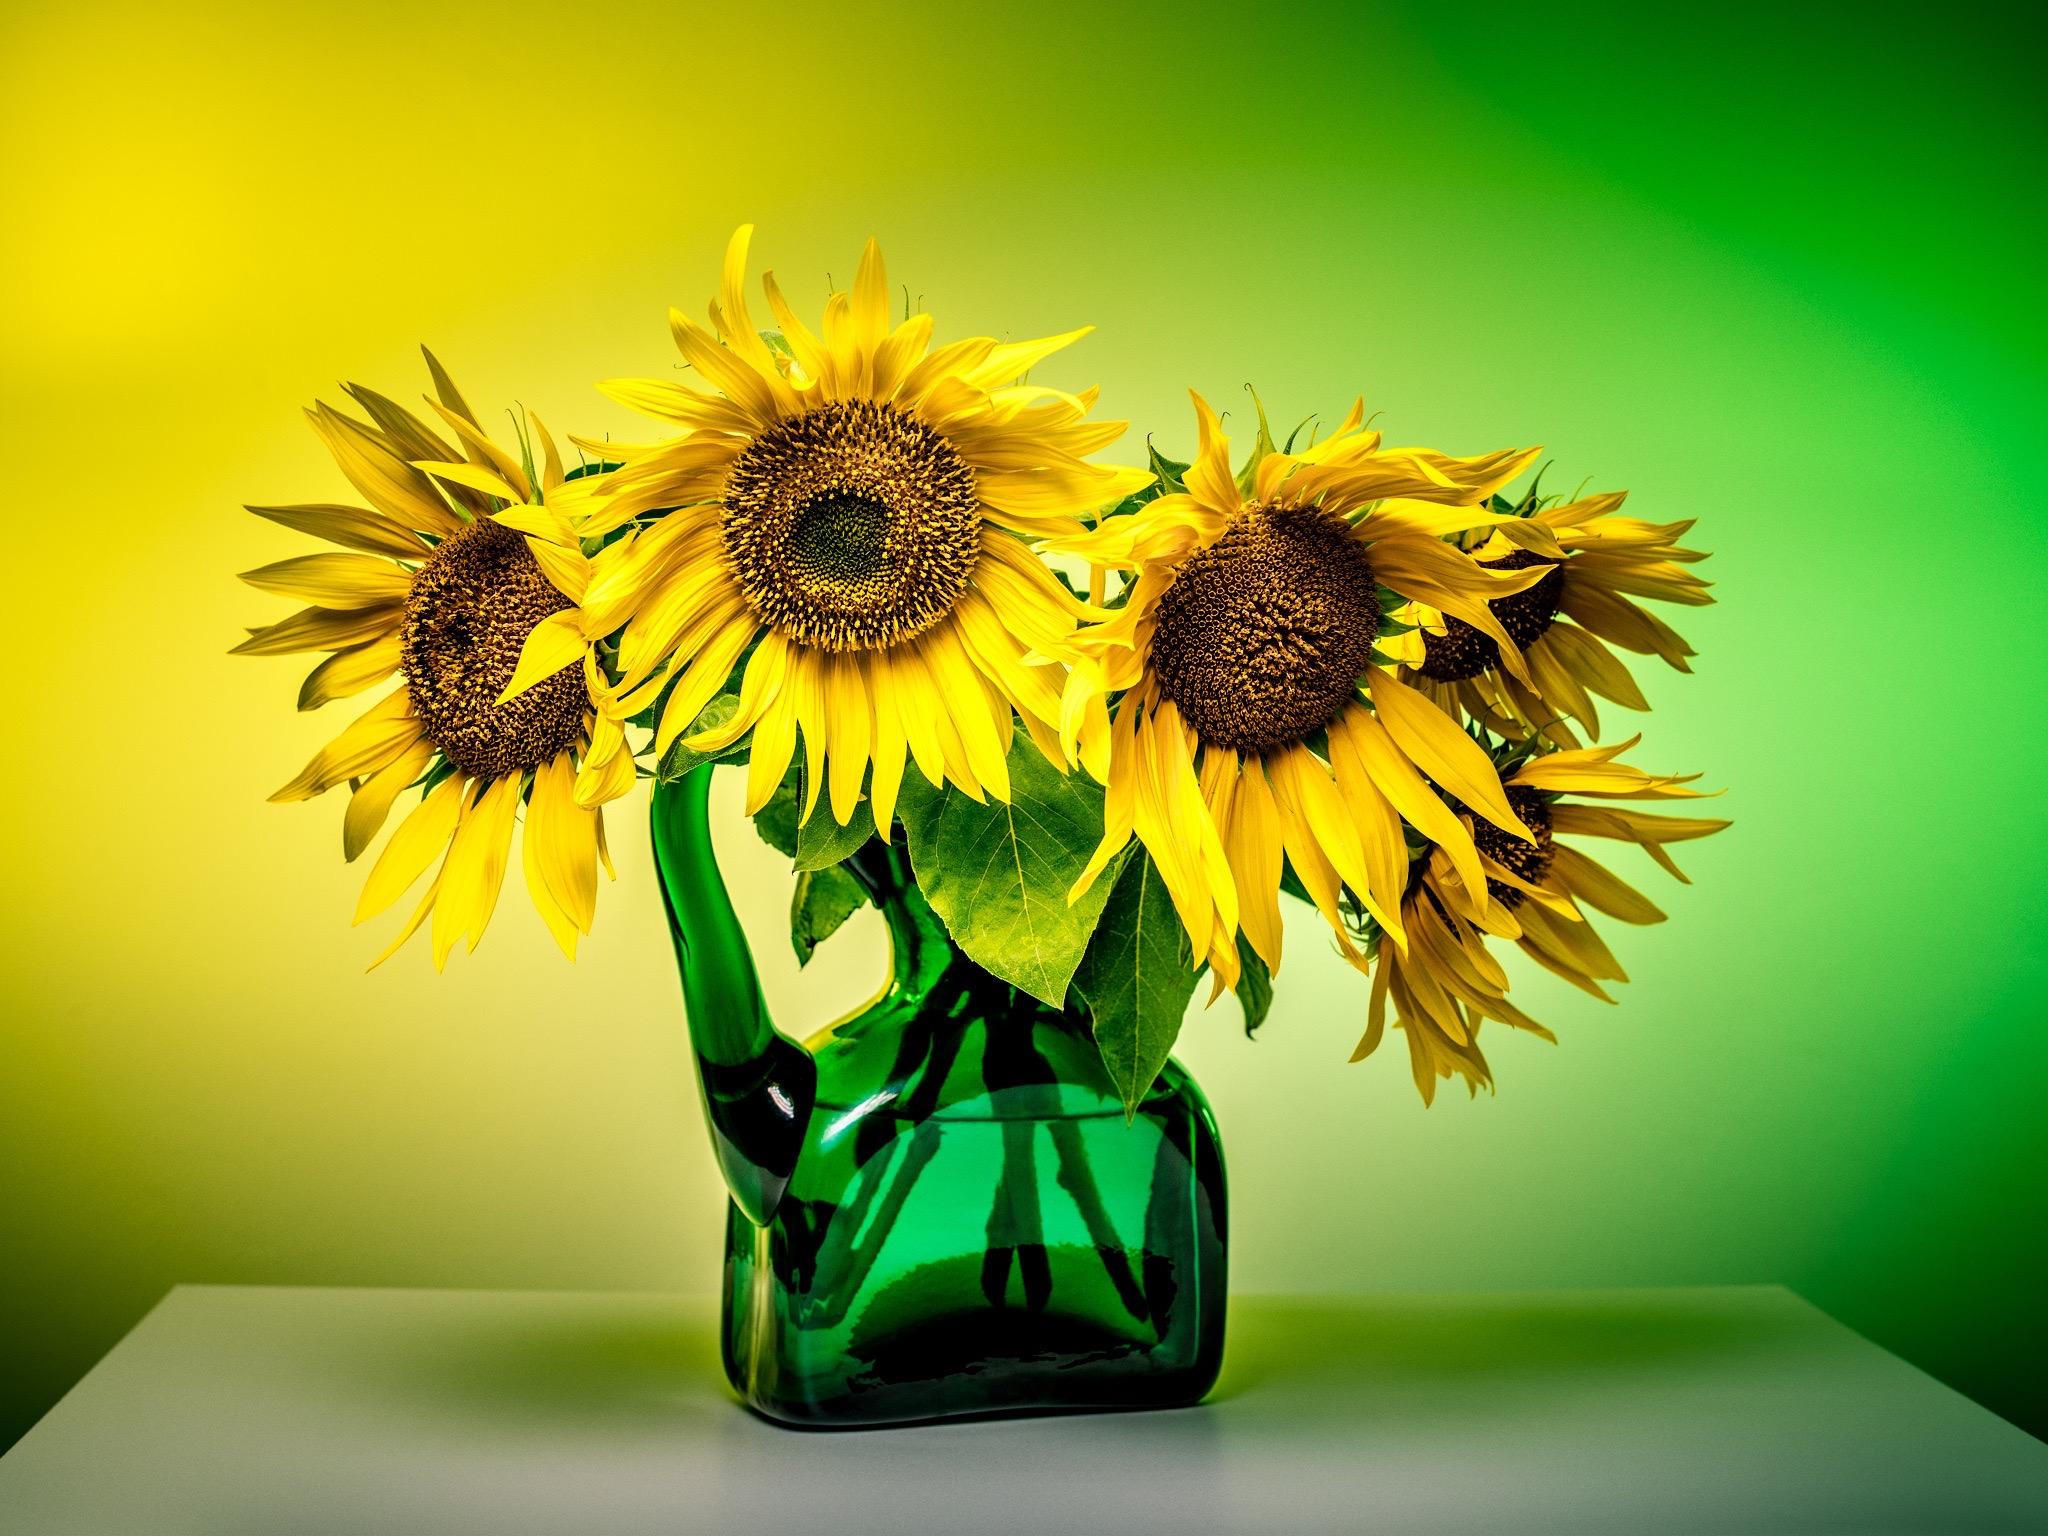 Sonnenblumen in grüner Vase Still Life ala van Gogh mit gelbem und grünem Hintergrund